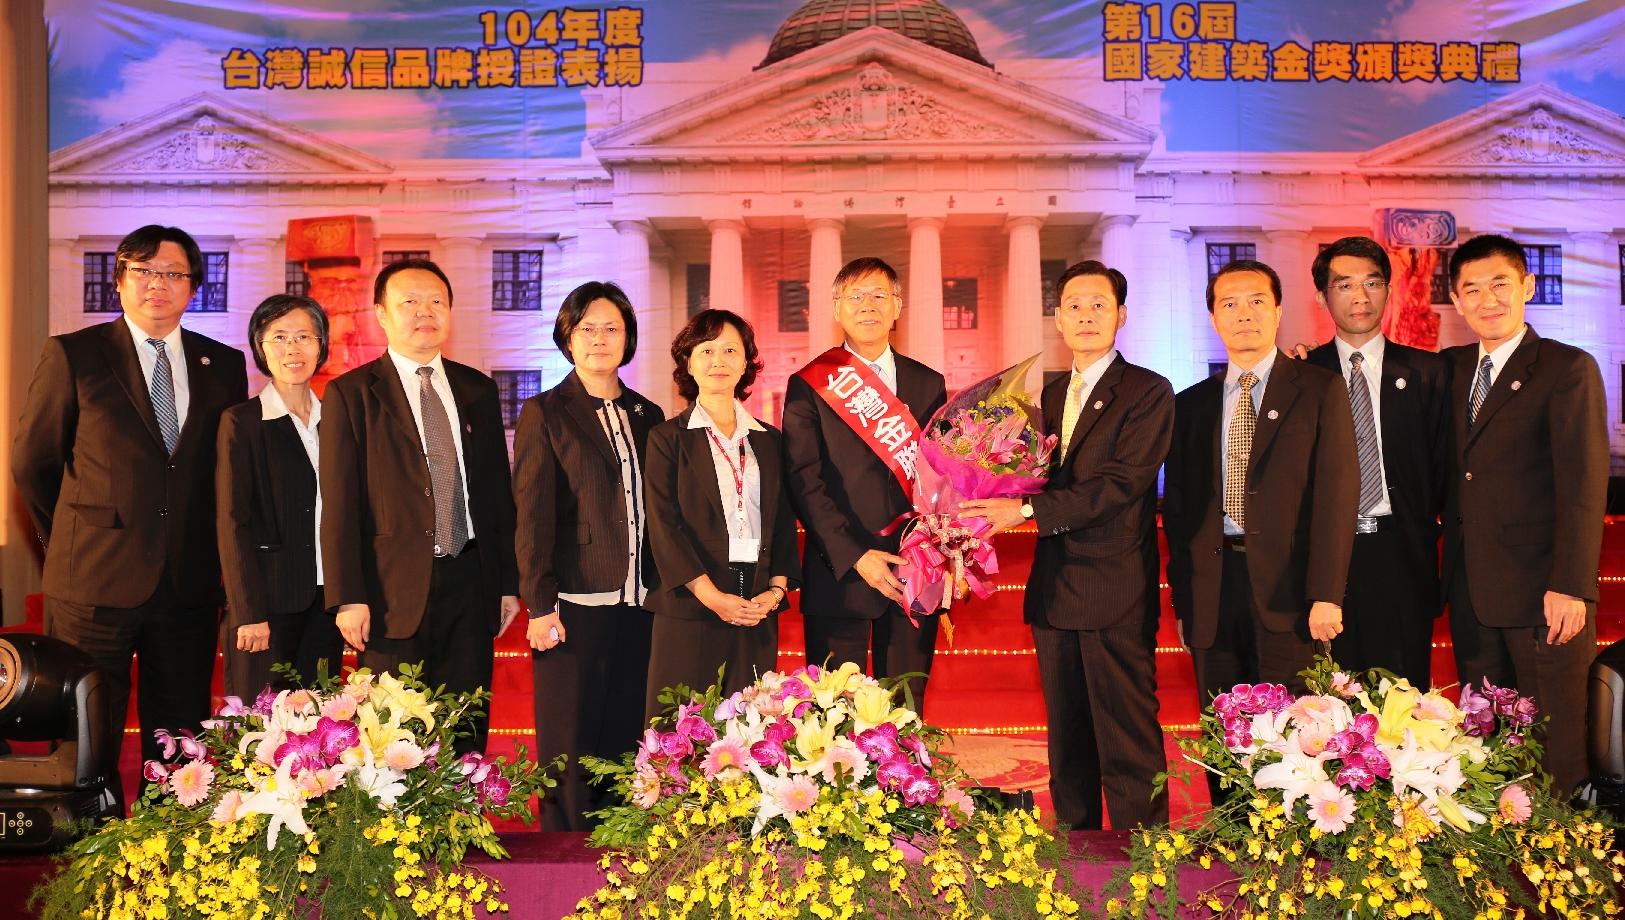 台灣金聯獲「台灣誠信品牌」認證  吳副總統親自授證